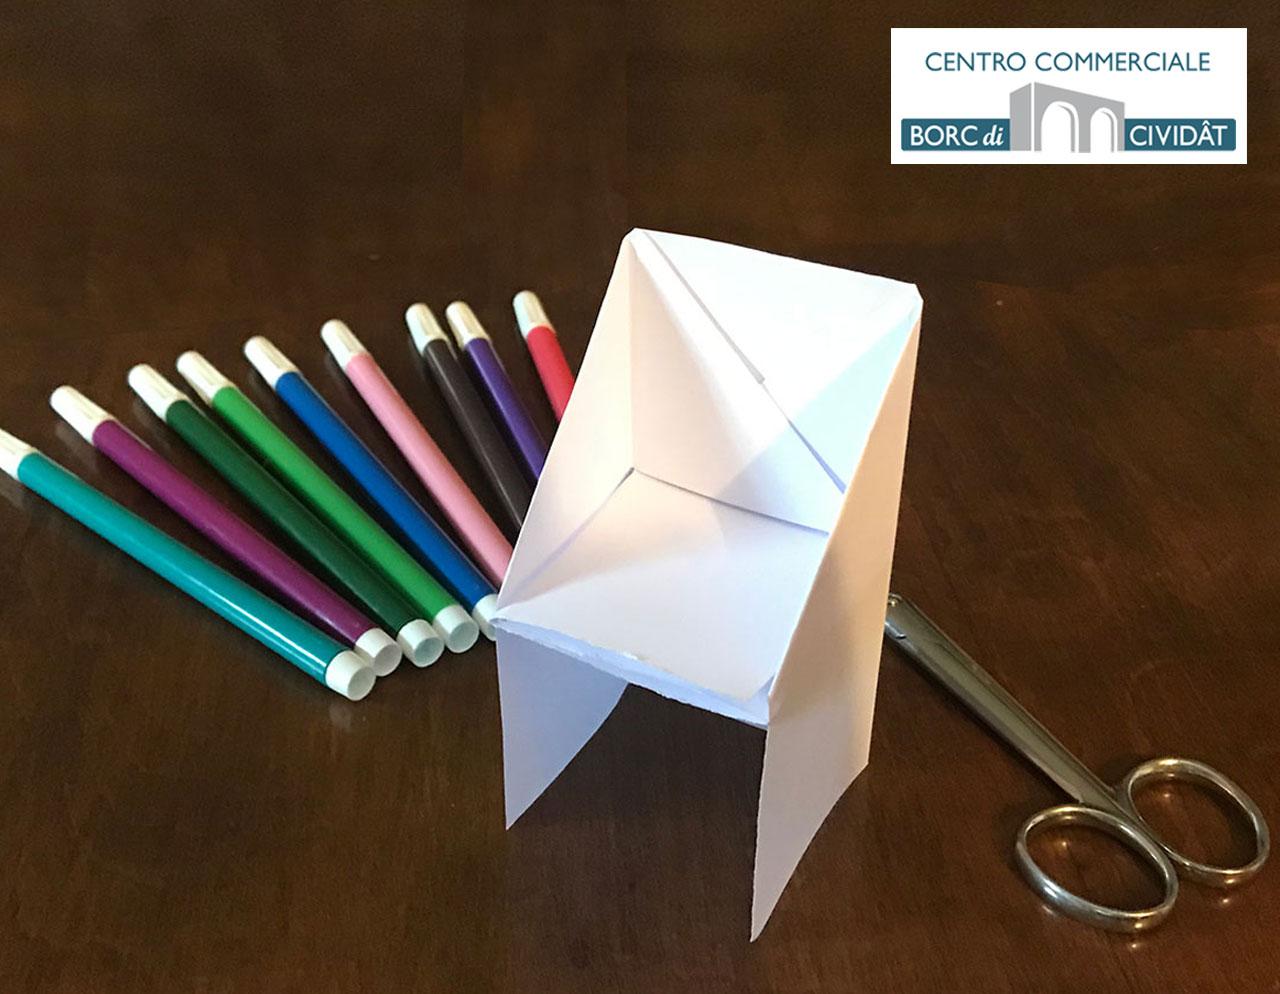 Gioca con noi - La poltroncina di carta! - Centro Commerciale Borc di Cividât